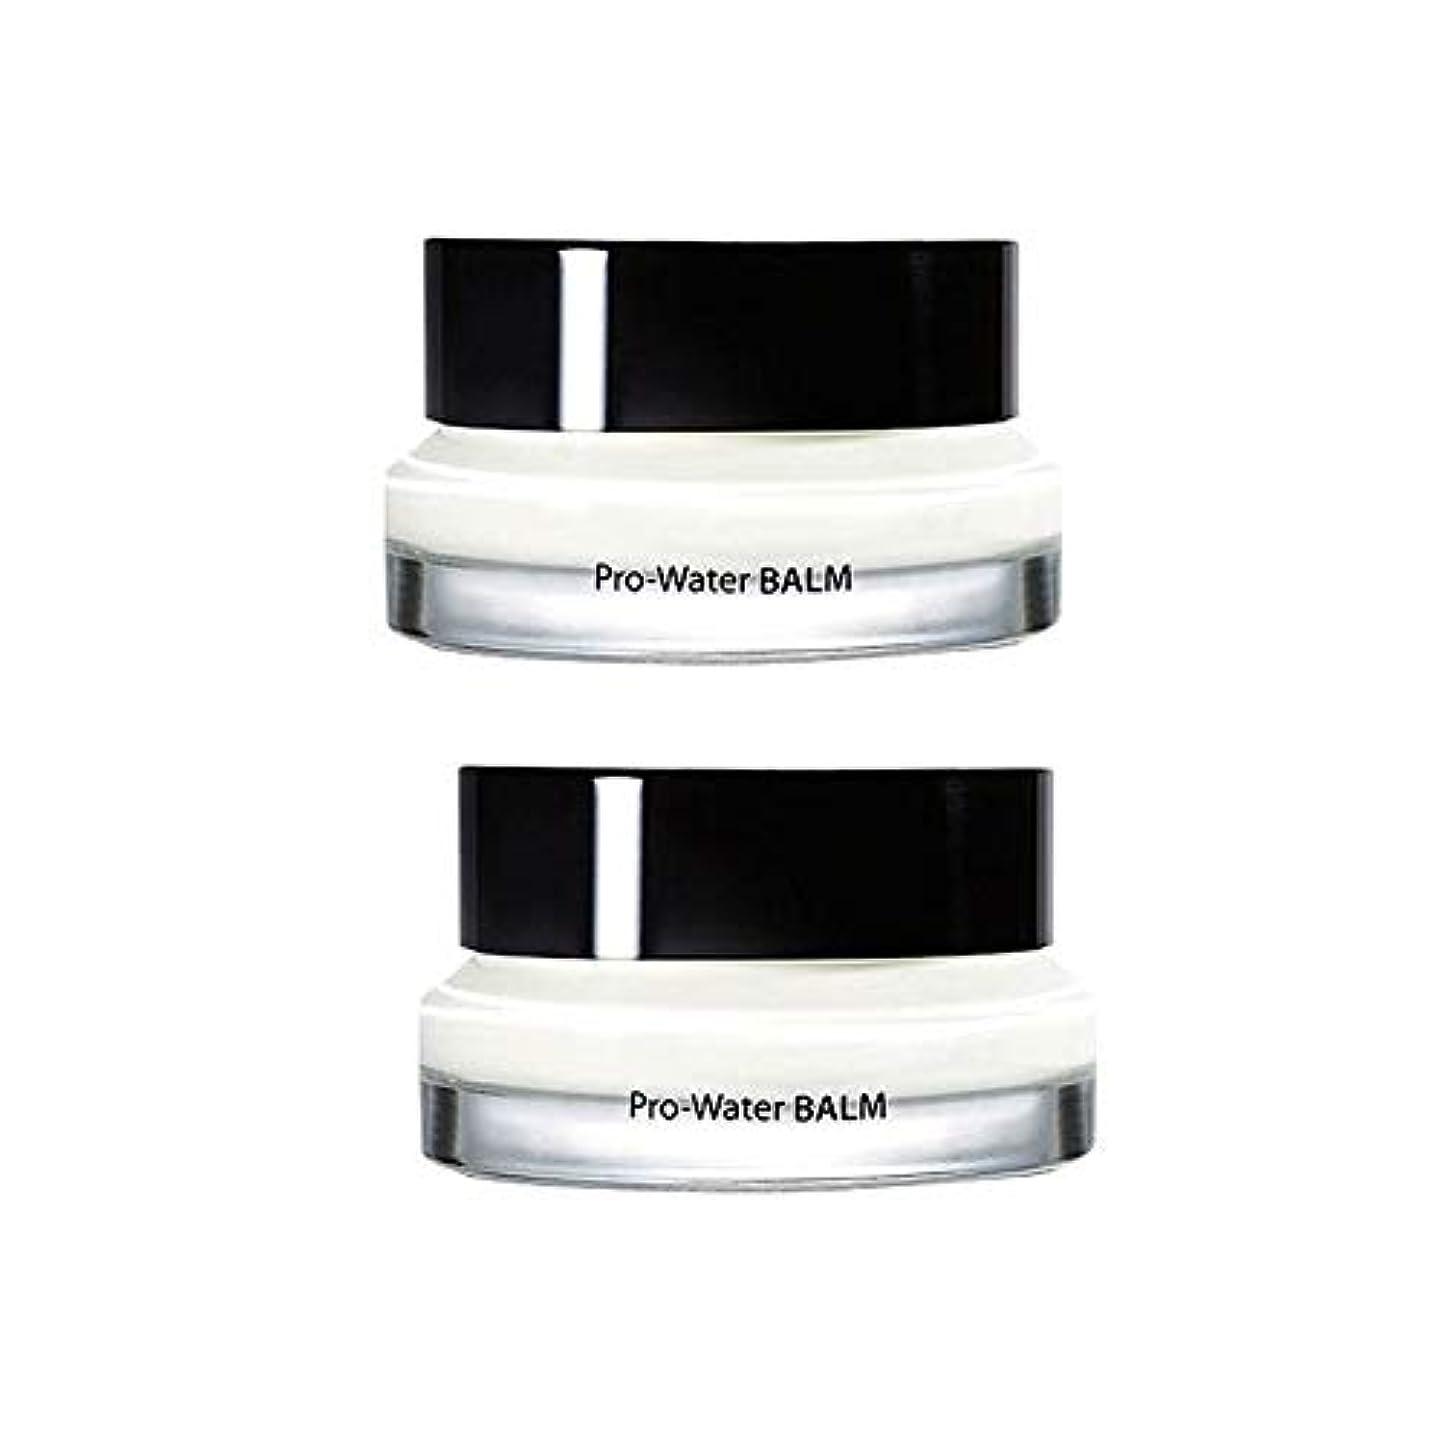 ホイットニー皮肉なしゃがむルナプロウォーターbalm 50mlx2本セット韓国コスメ、Luna Pro-Water Balm 50ml x 2ea Set Korean Cosmetics [並行輸入品]